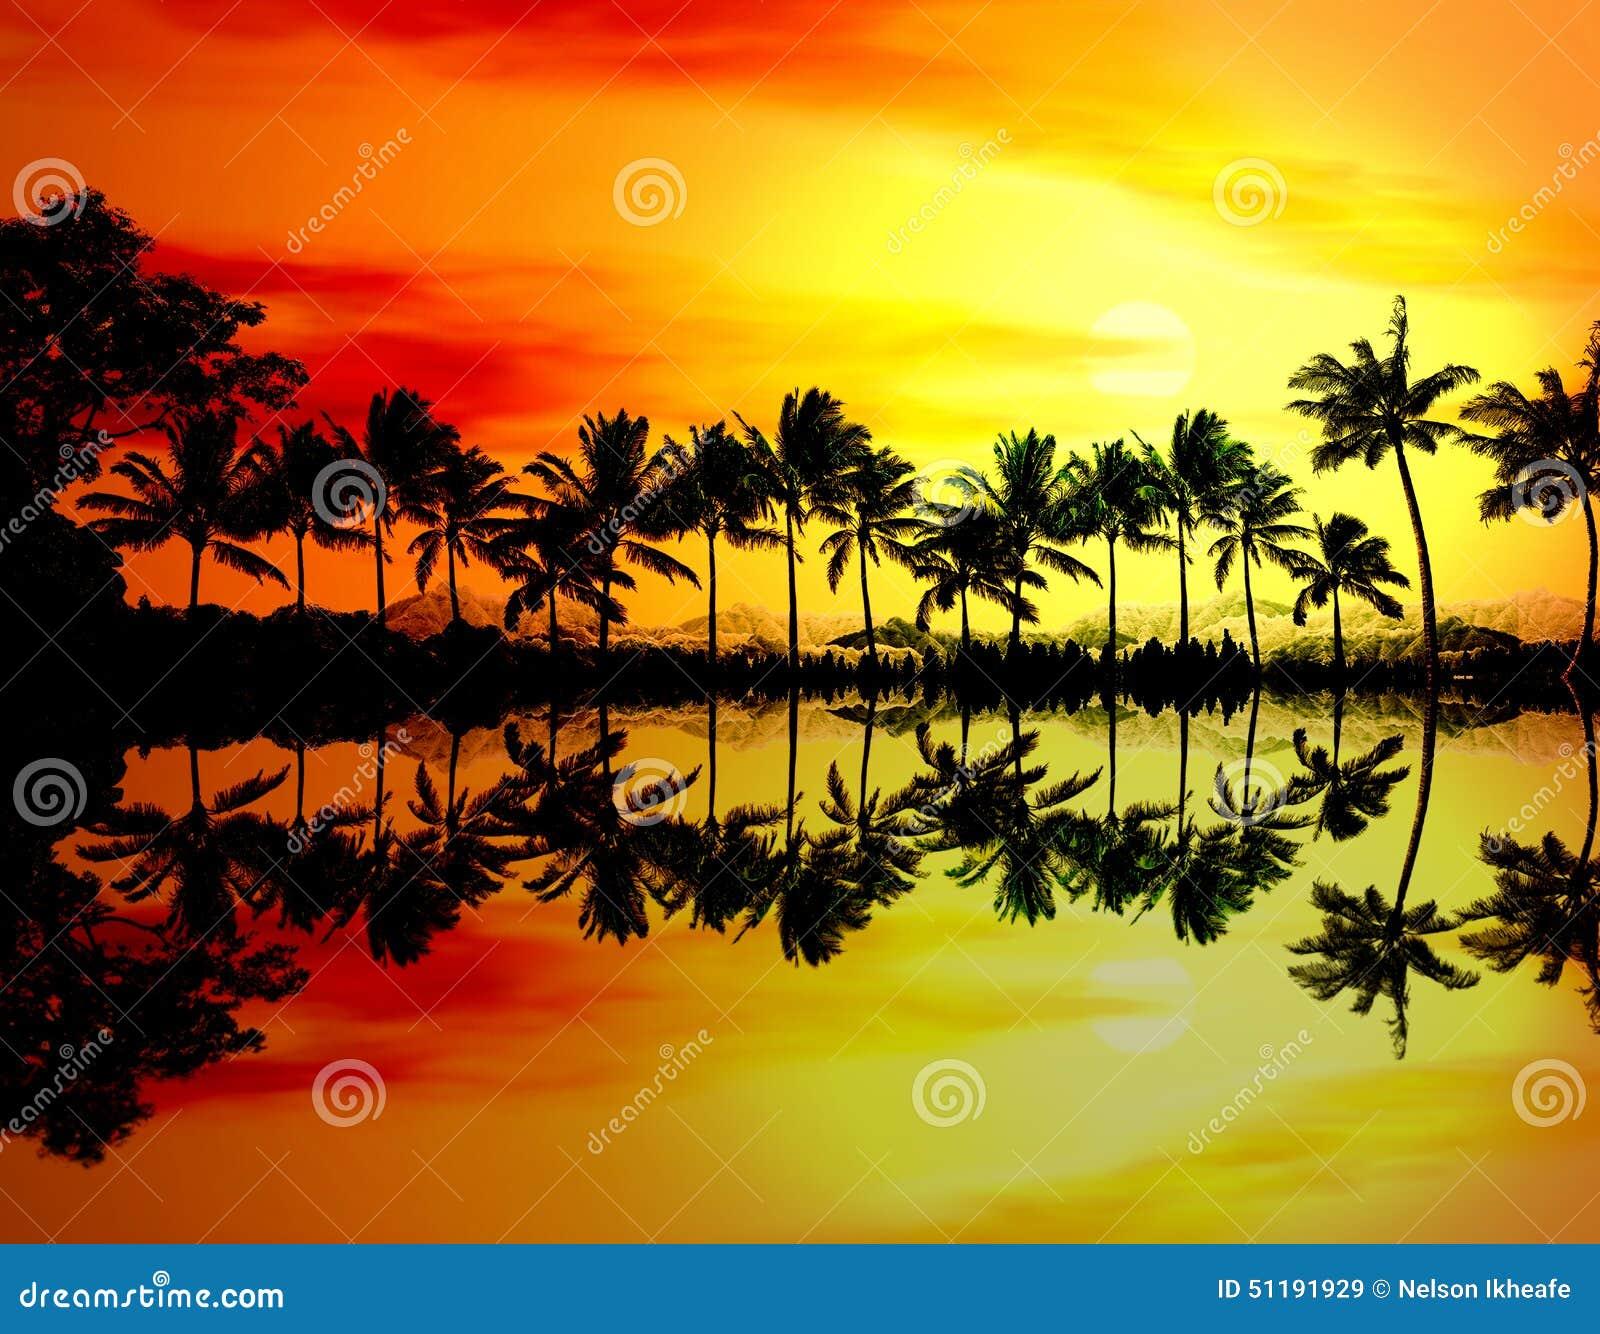 setzen sie sonnenuntergang oder sonnenaufgang mit tropischen palmen auf den strand stockfoto. Black Bedroom Furniture Sets. Home Design Ideas